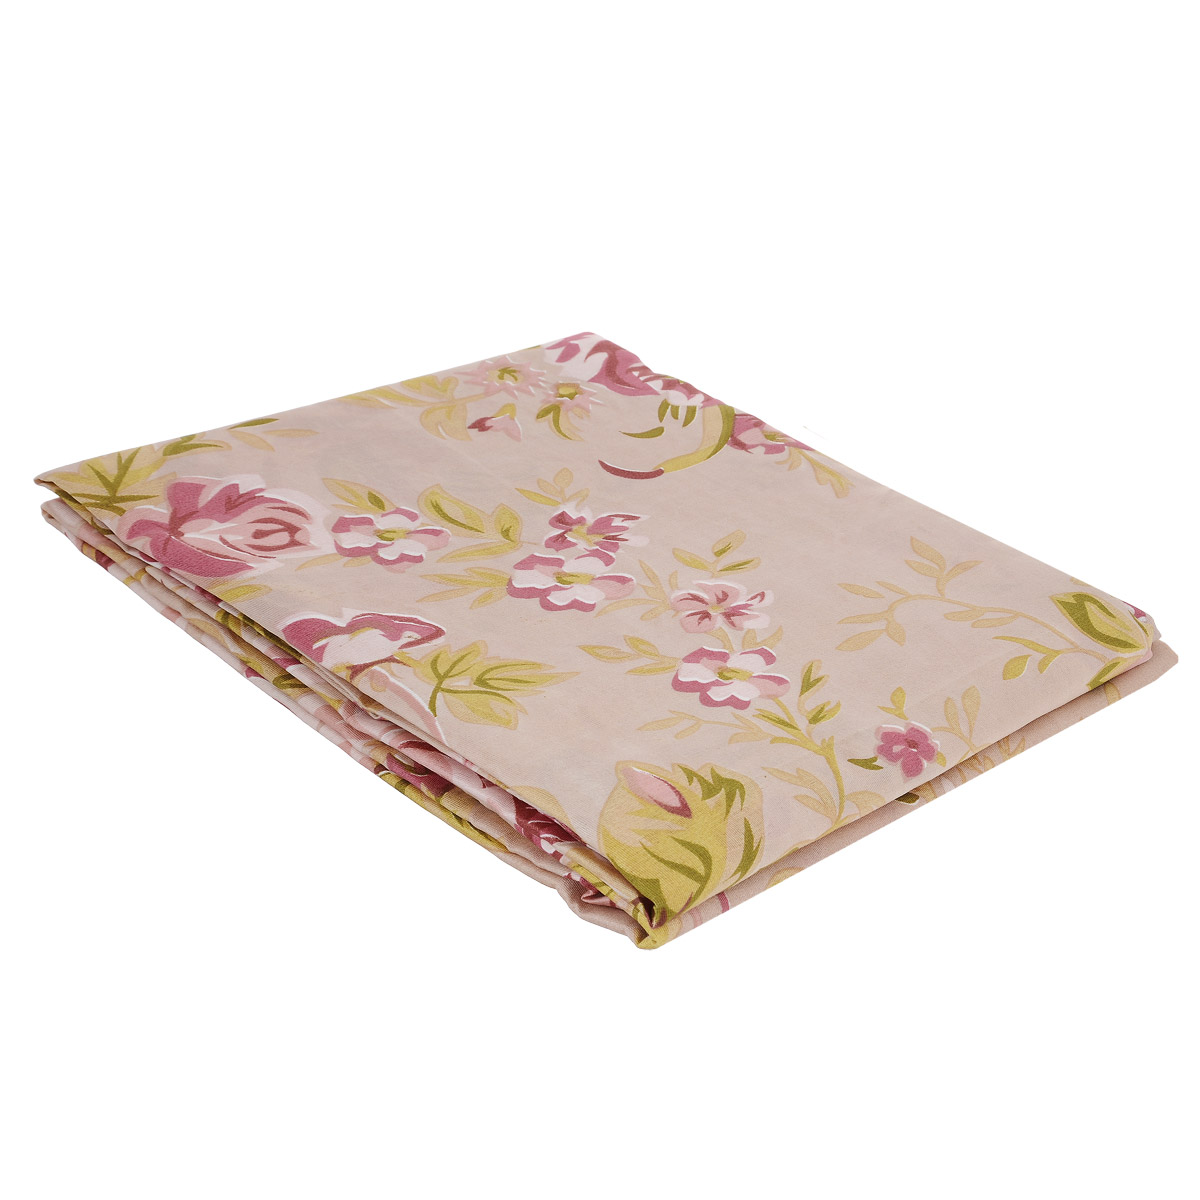 Комплект штор Ноты счастья, на петлях, цвет: розовый, зеленый, высота 220 смK100Роскошный комплект штор Ноты счастья, выполненный из текстиля, великолепно украсит любое окно. Комплект состоит из двух штор. Шторы выполнены из непрозрачной ткани средней плотности и декорированы изящным цветочным рисунком.Оригинальный дизайн и нежная цветовая гамма привлекут к себе внимание и органично впишутся в интерьер комнаты. Все предметы комплекта - на петлях.